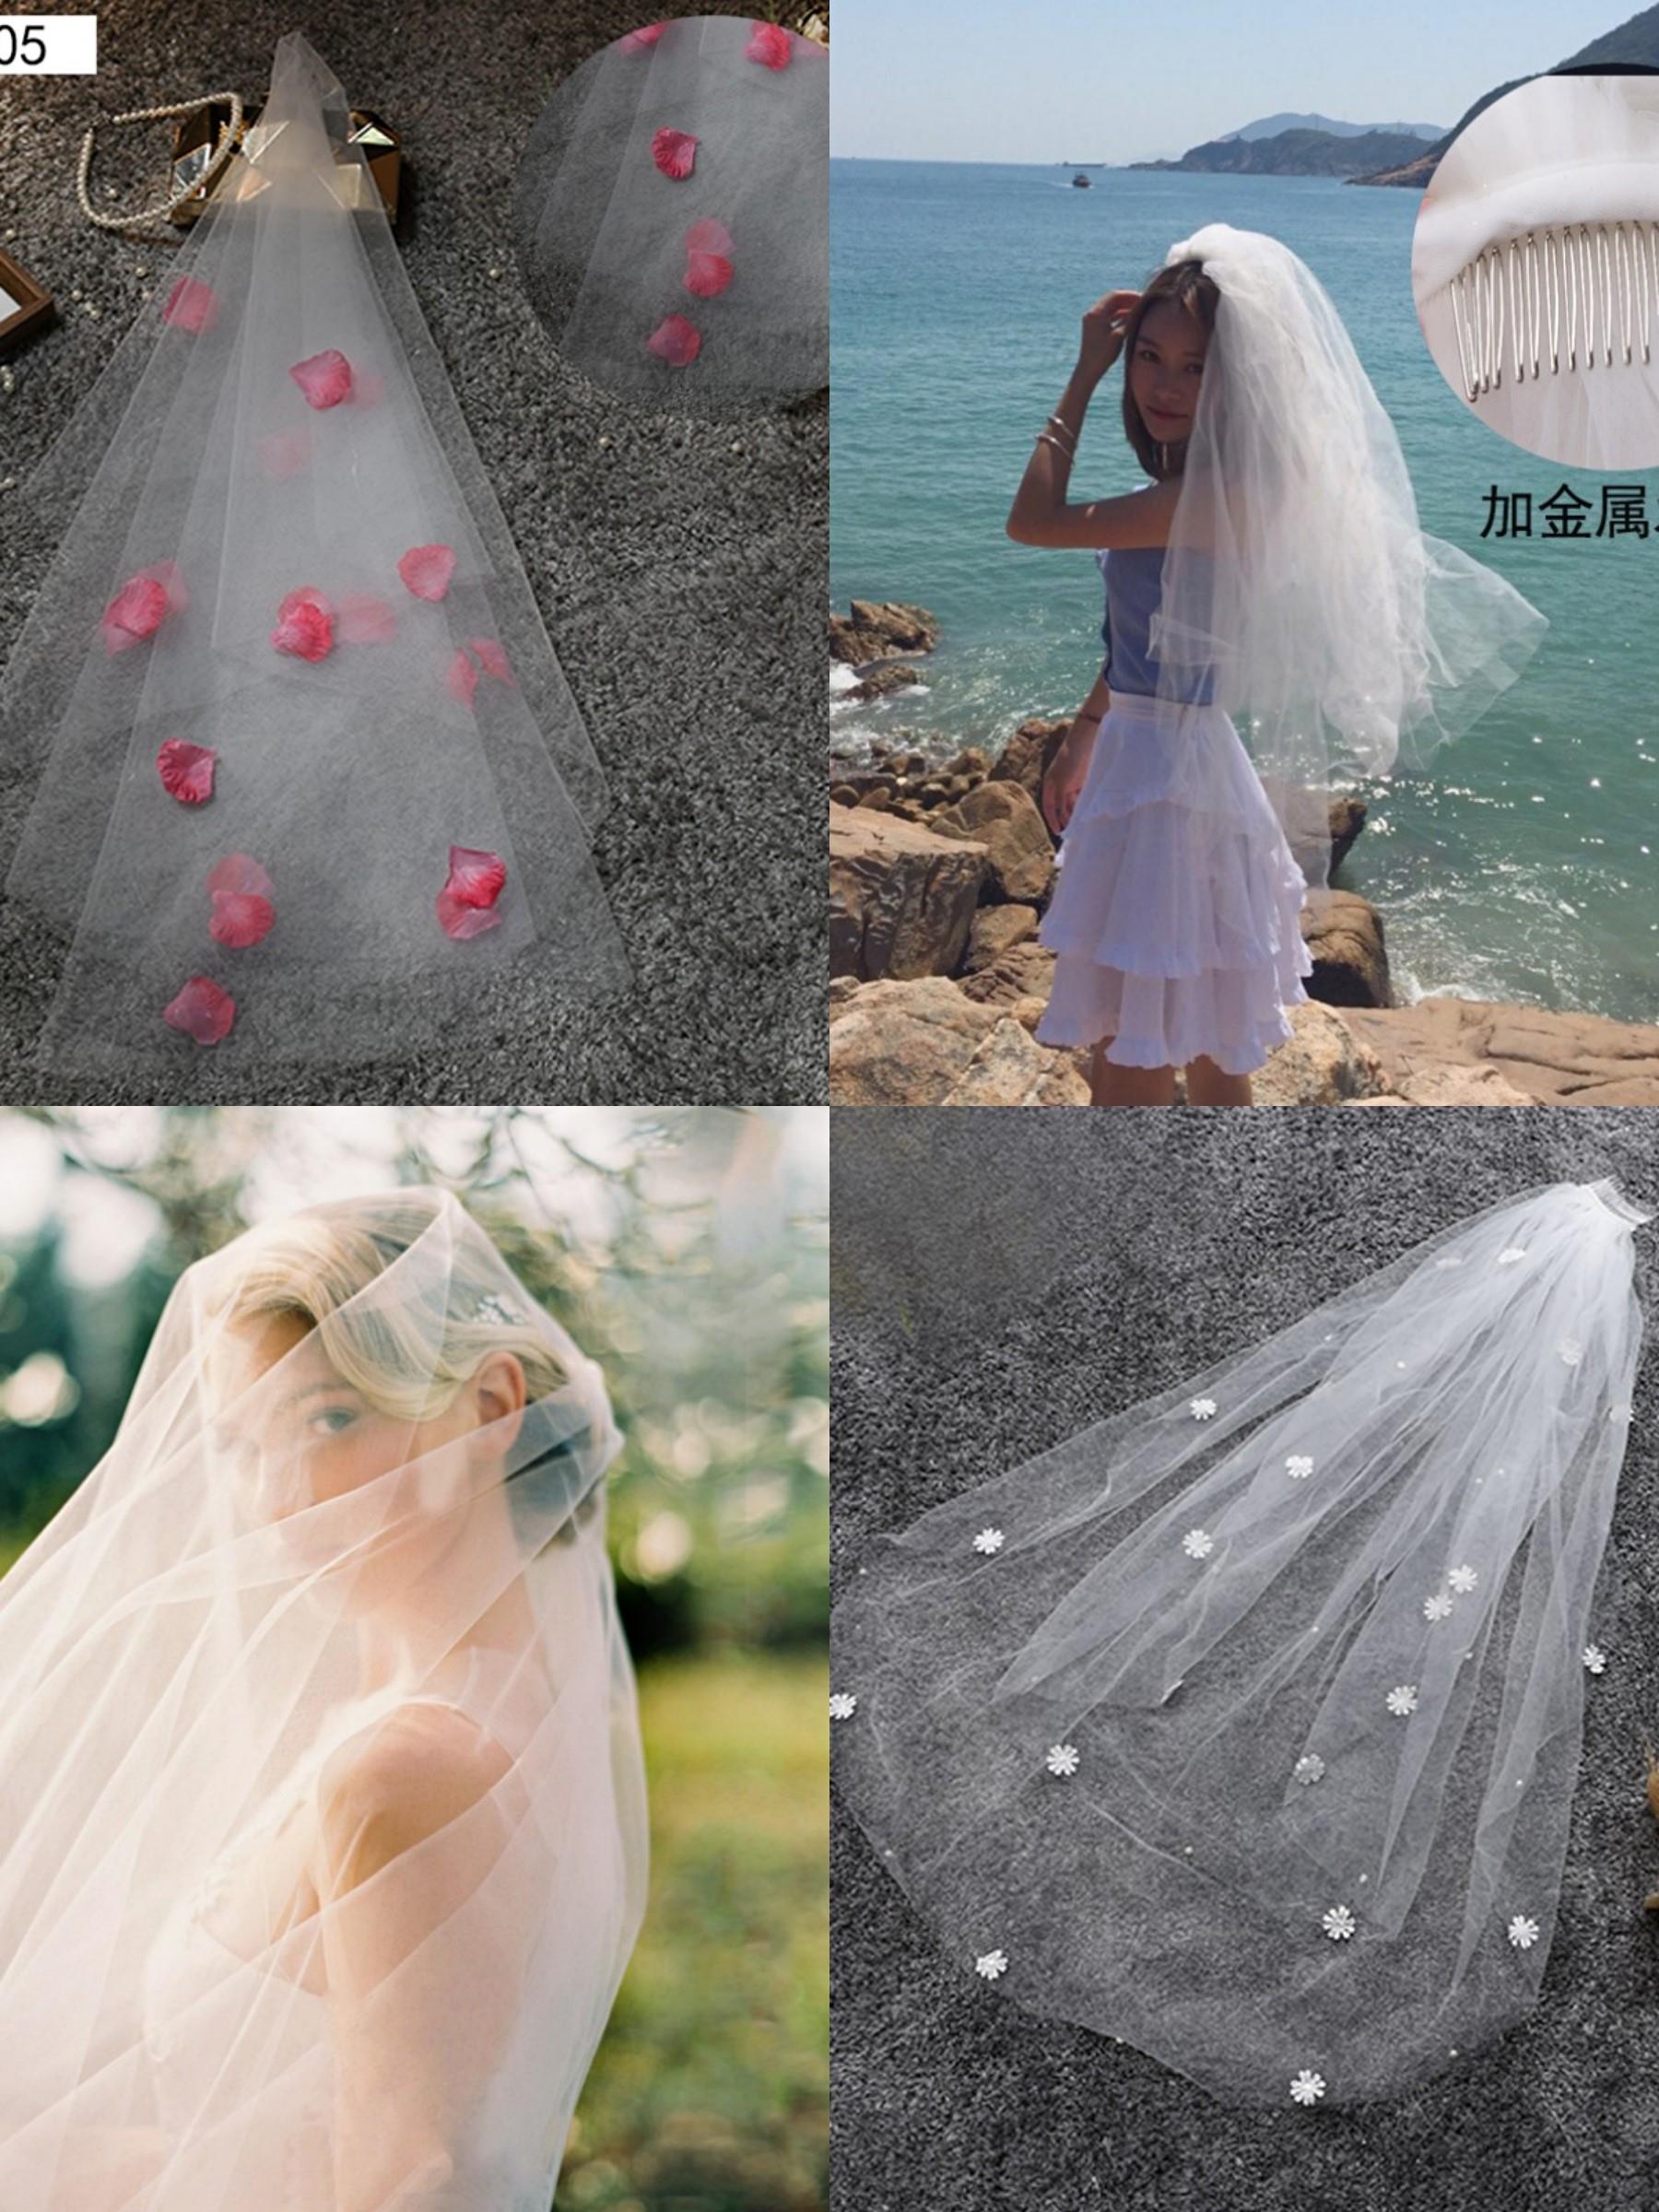 新娘走秀花边网纱蕾丝柔软头纱少女 结婚时尚百搭奢华小清新外景